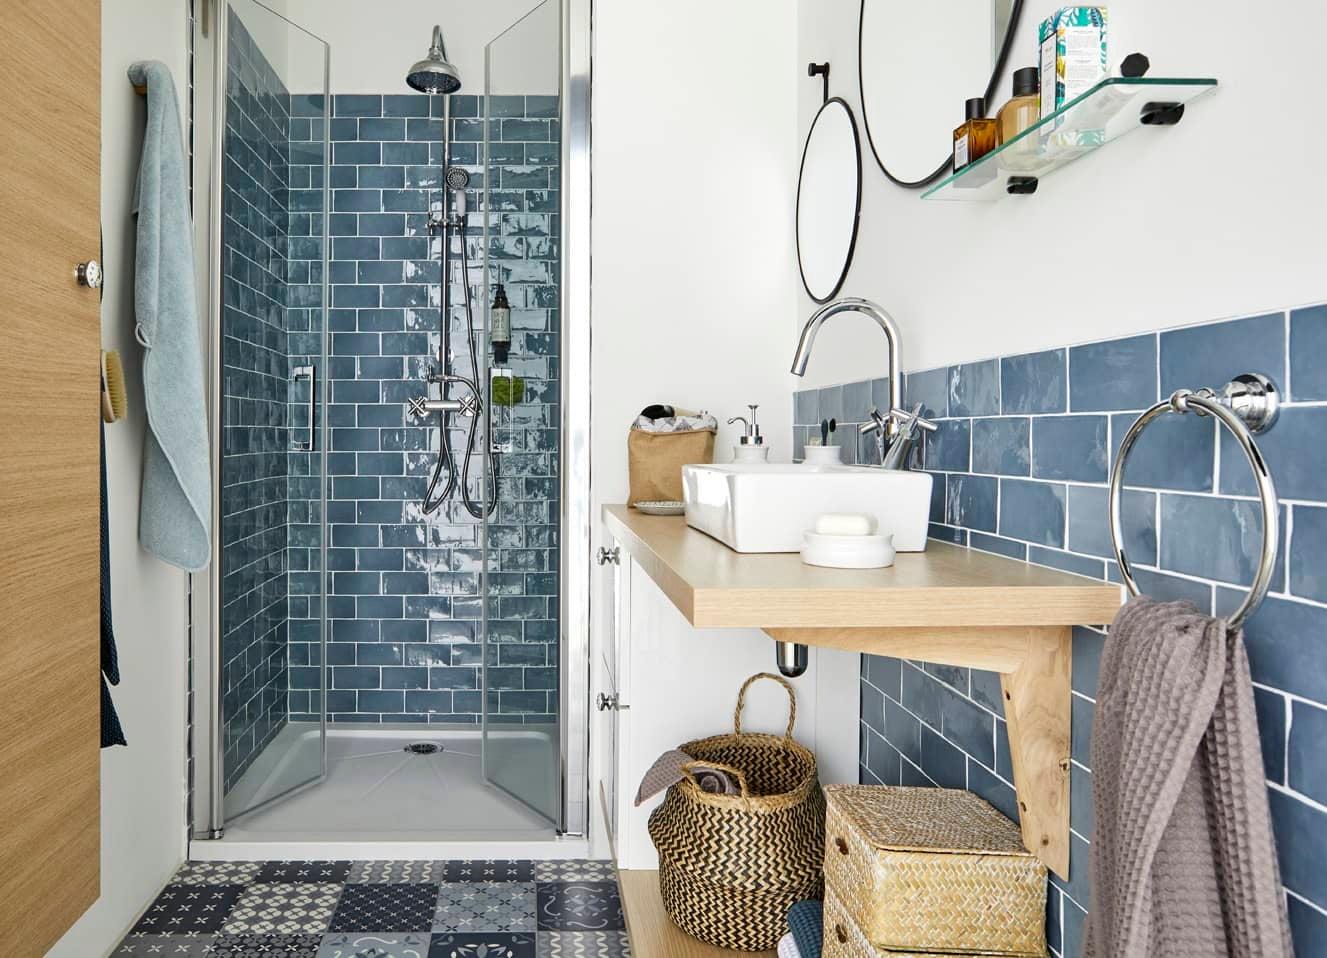 Quel est le prix d'une rénovation de salle de bains ?